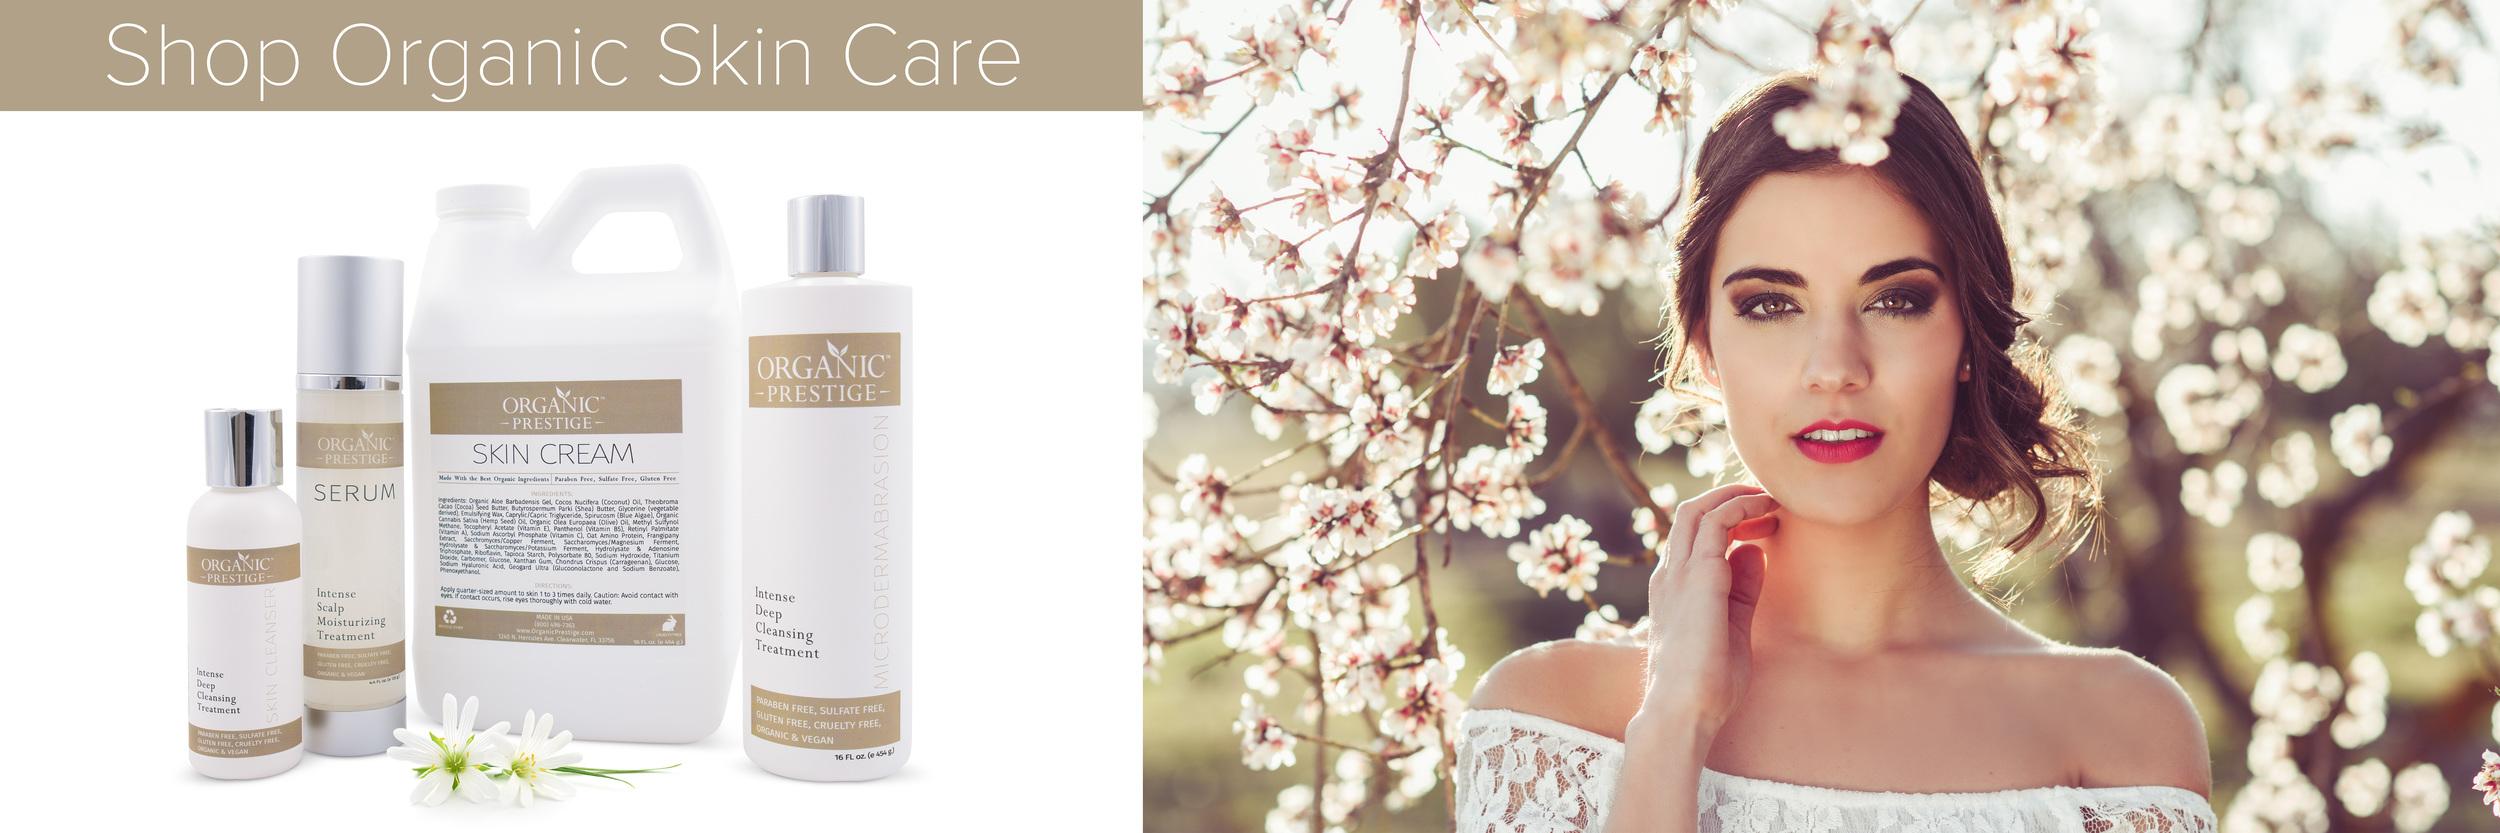 Skin Care Banner_2.jpg